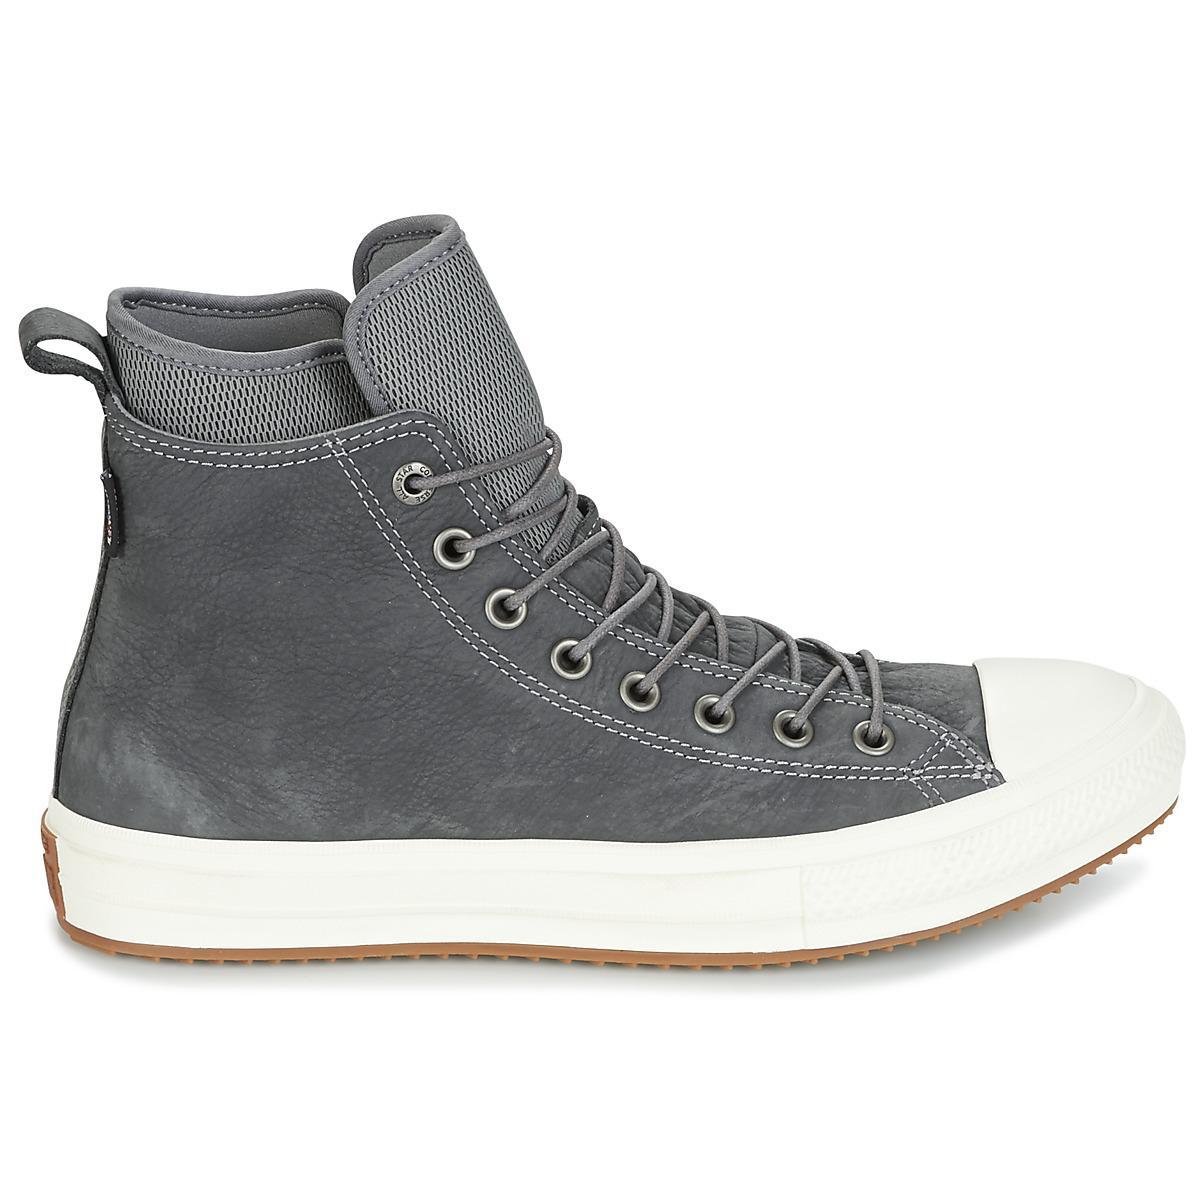 c1989da2175e3 Converse - Gray CHUCK TAYLOR WP BOOT NUBUCK HI hommes Chaussures en Gris  for Men -. Afficher en plein écran